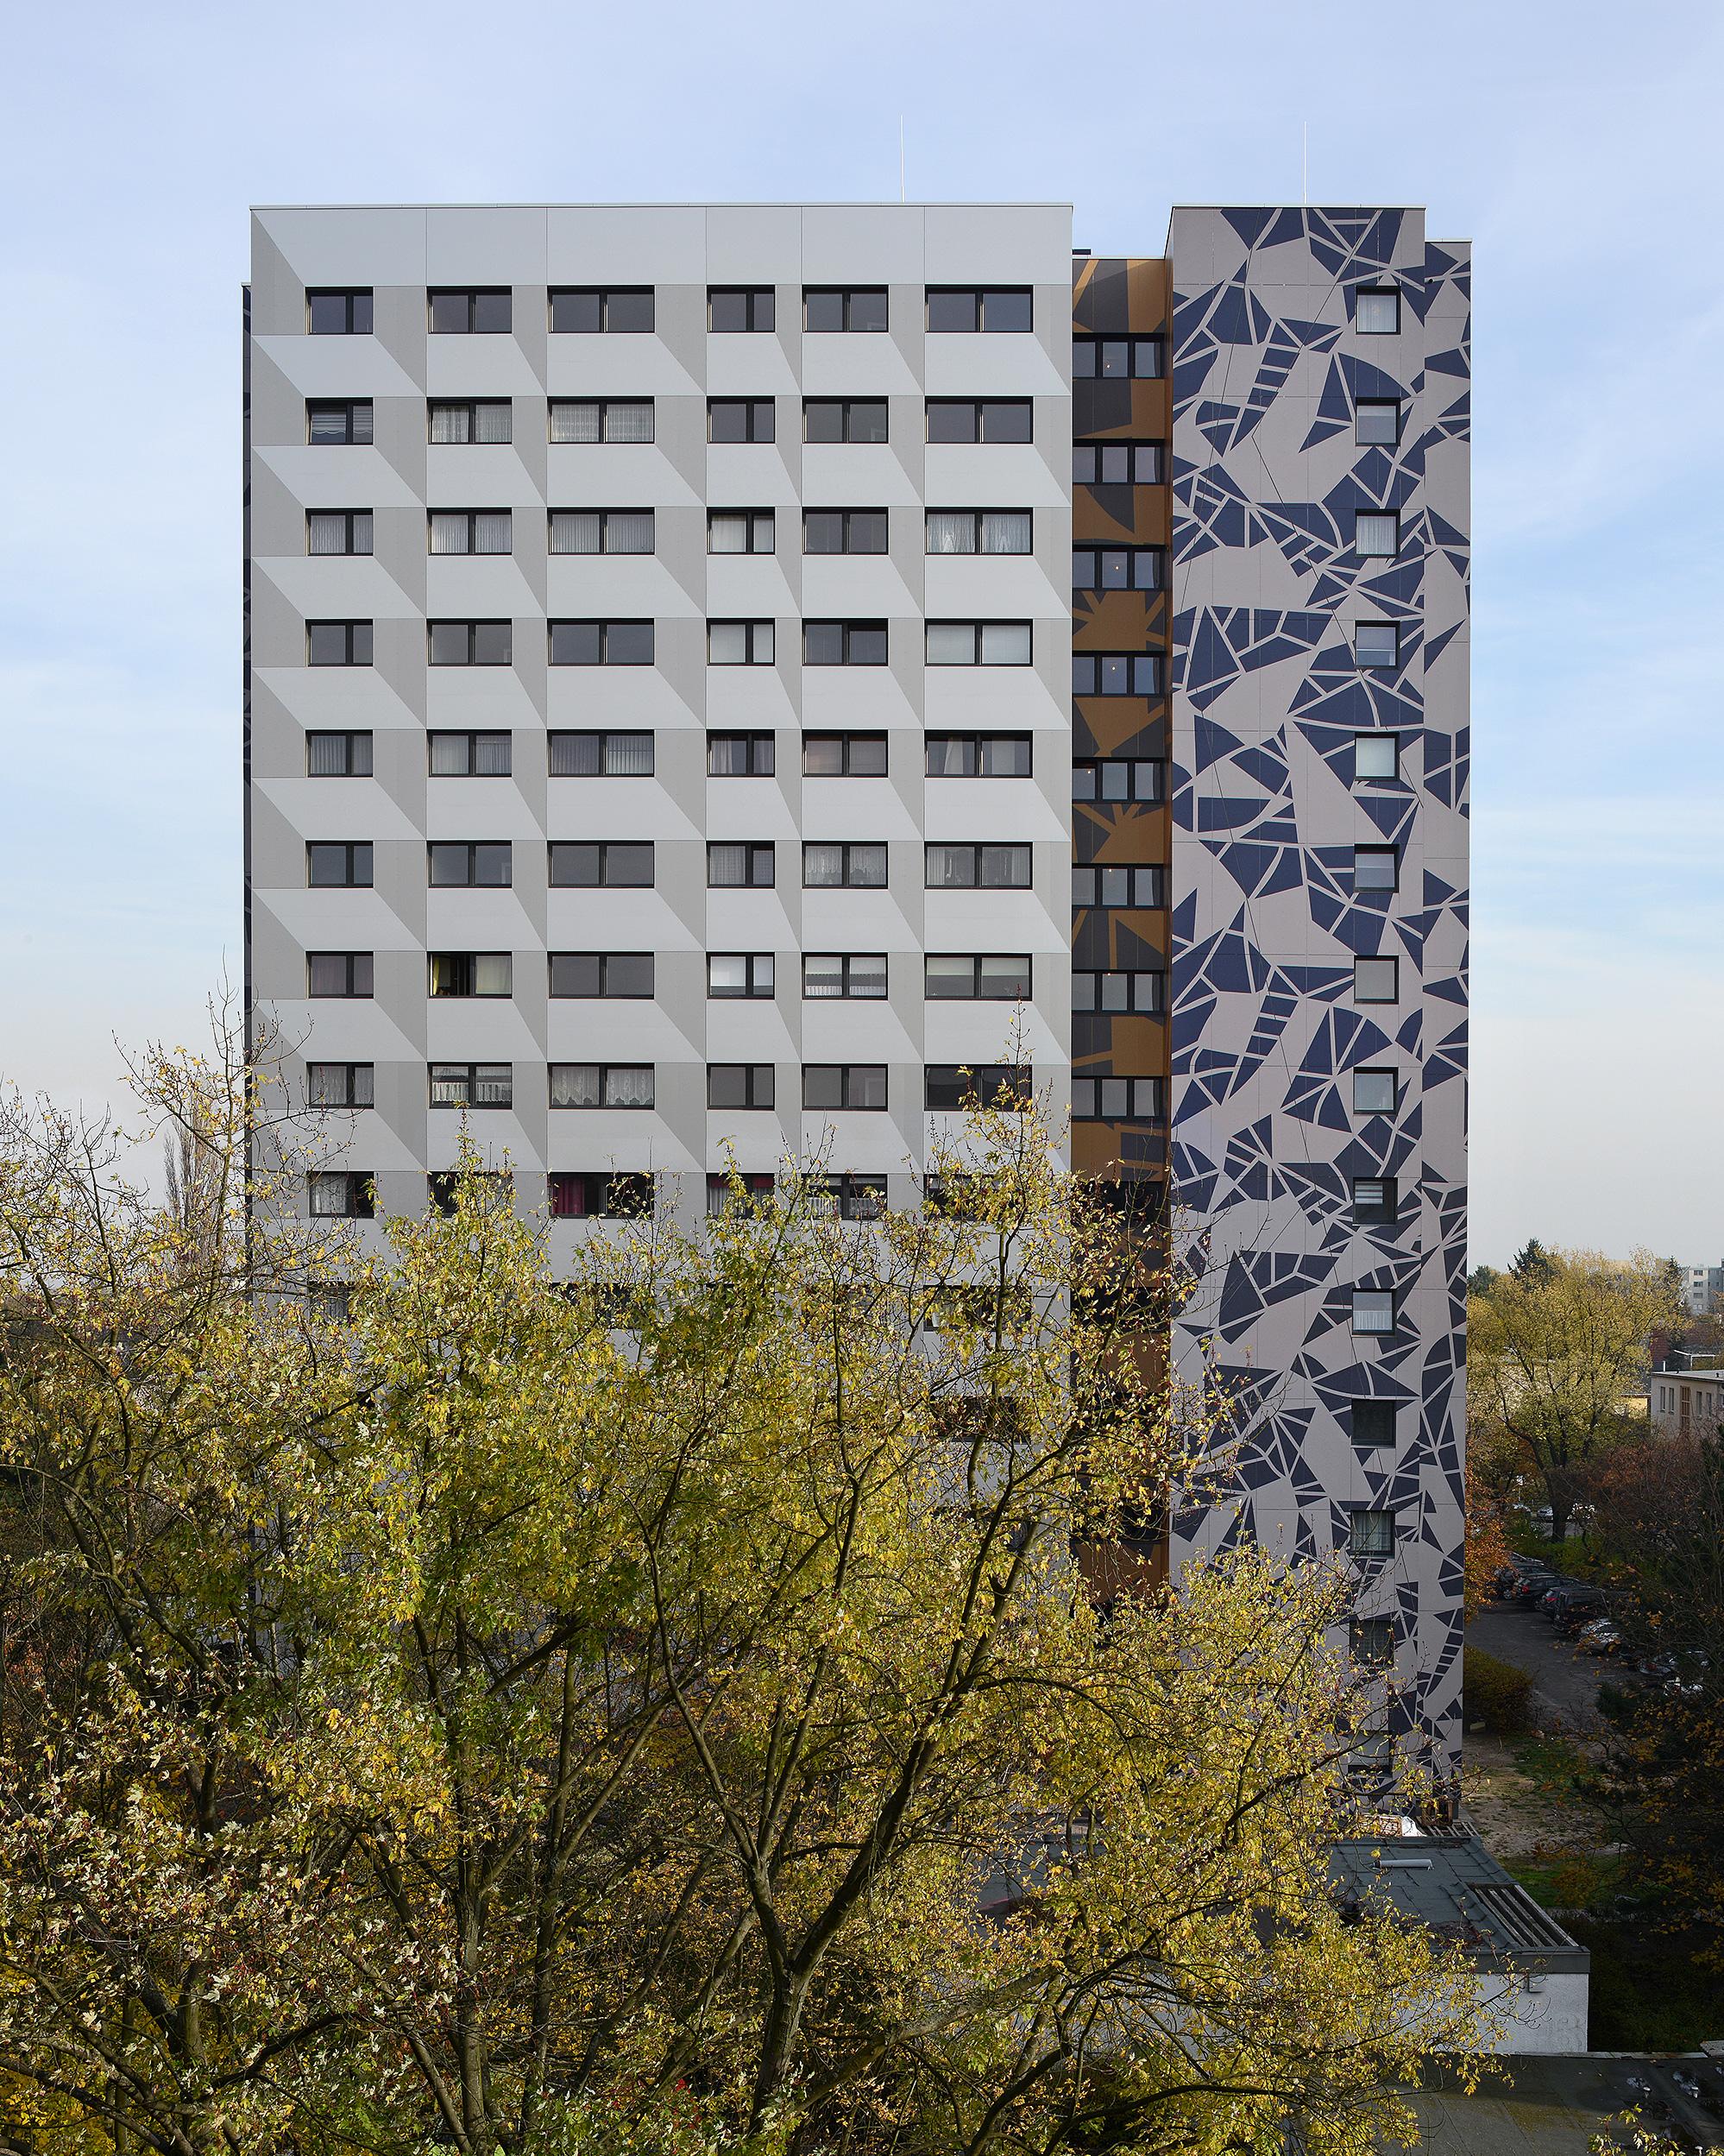 Stieglitzweg_hochhaus-architektur-fotografie-berlin-Anna-Dabrowski_minimal